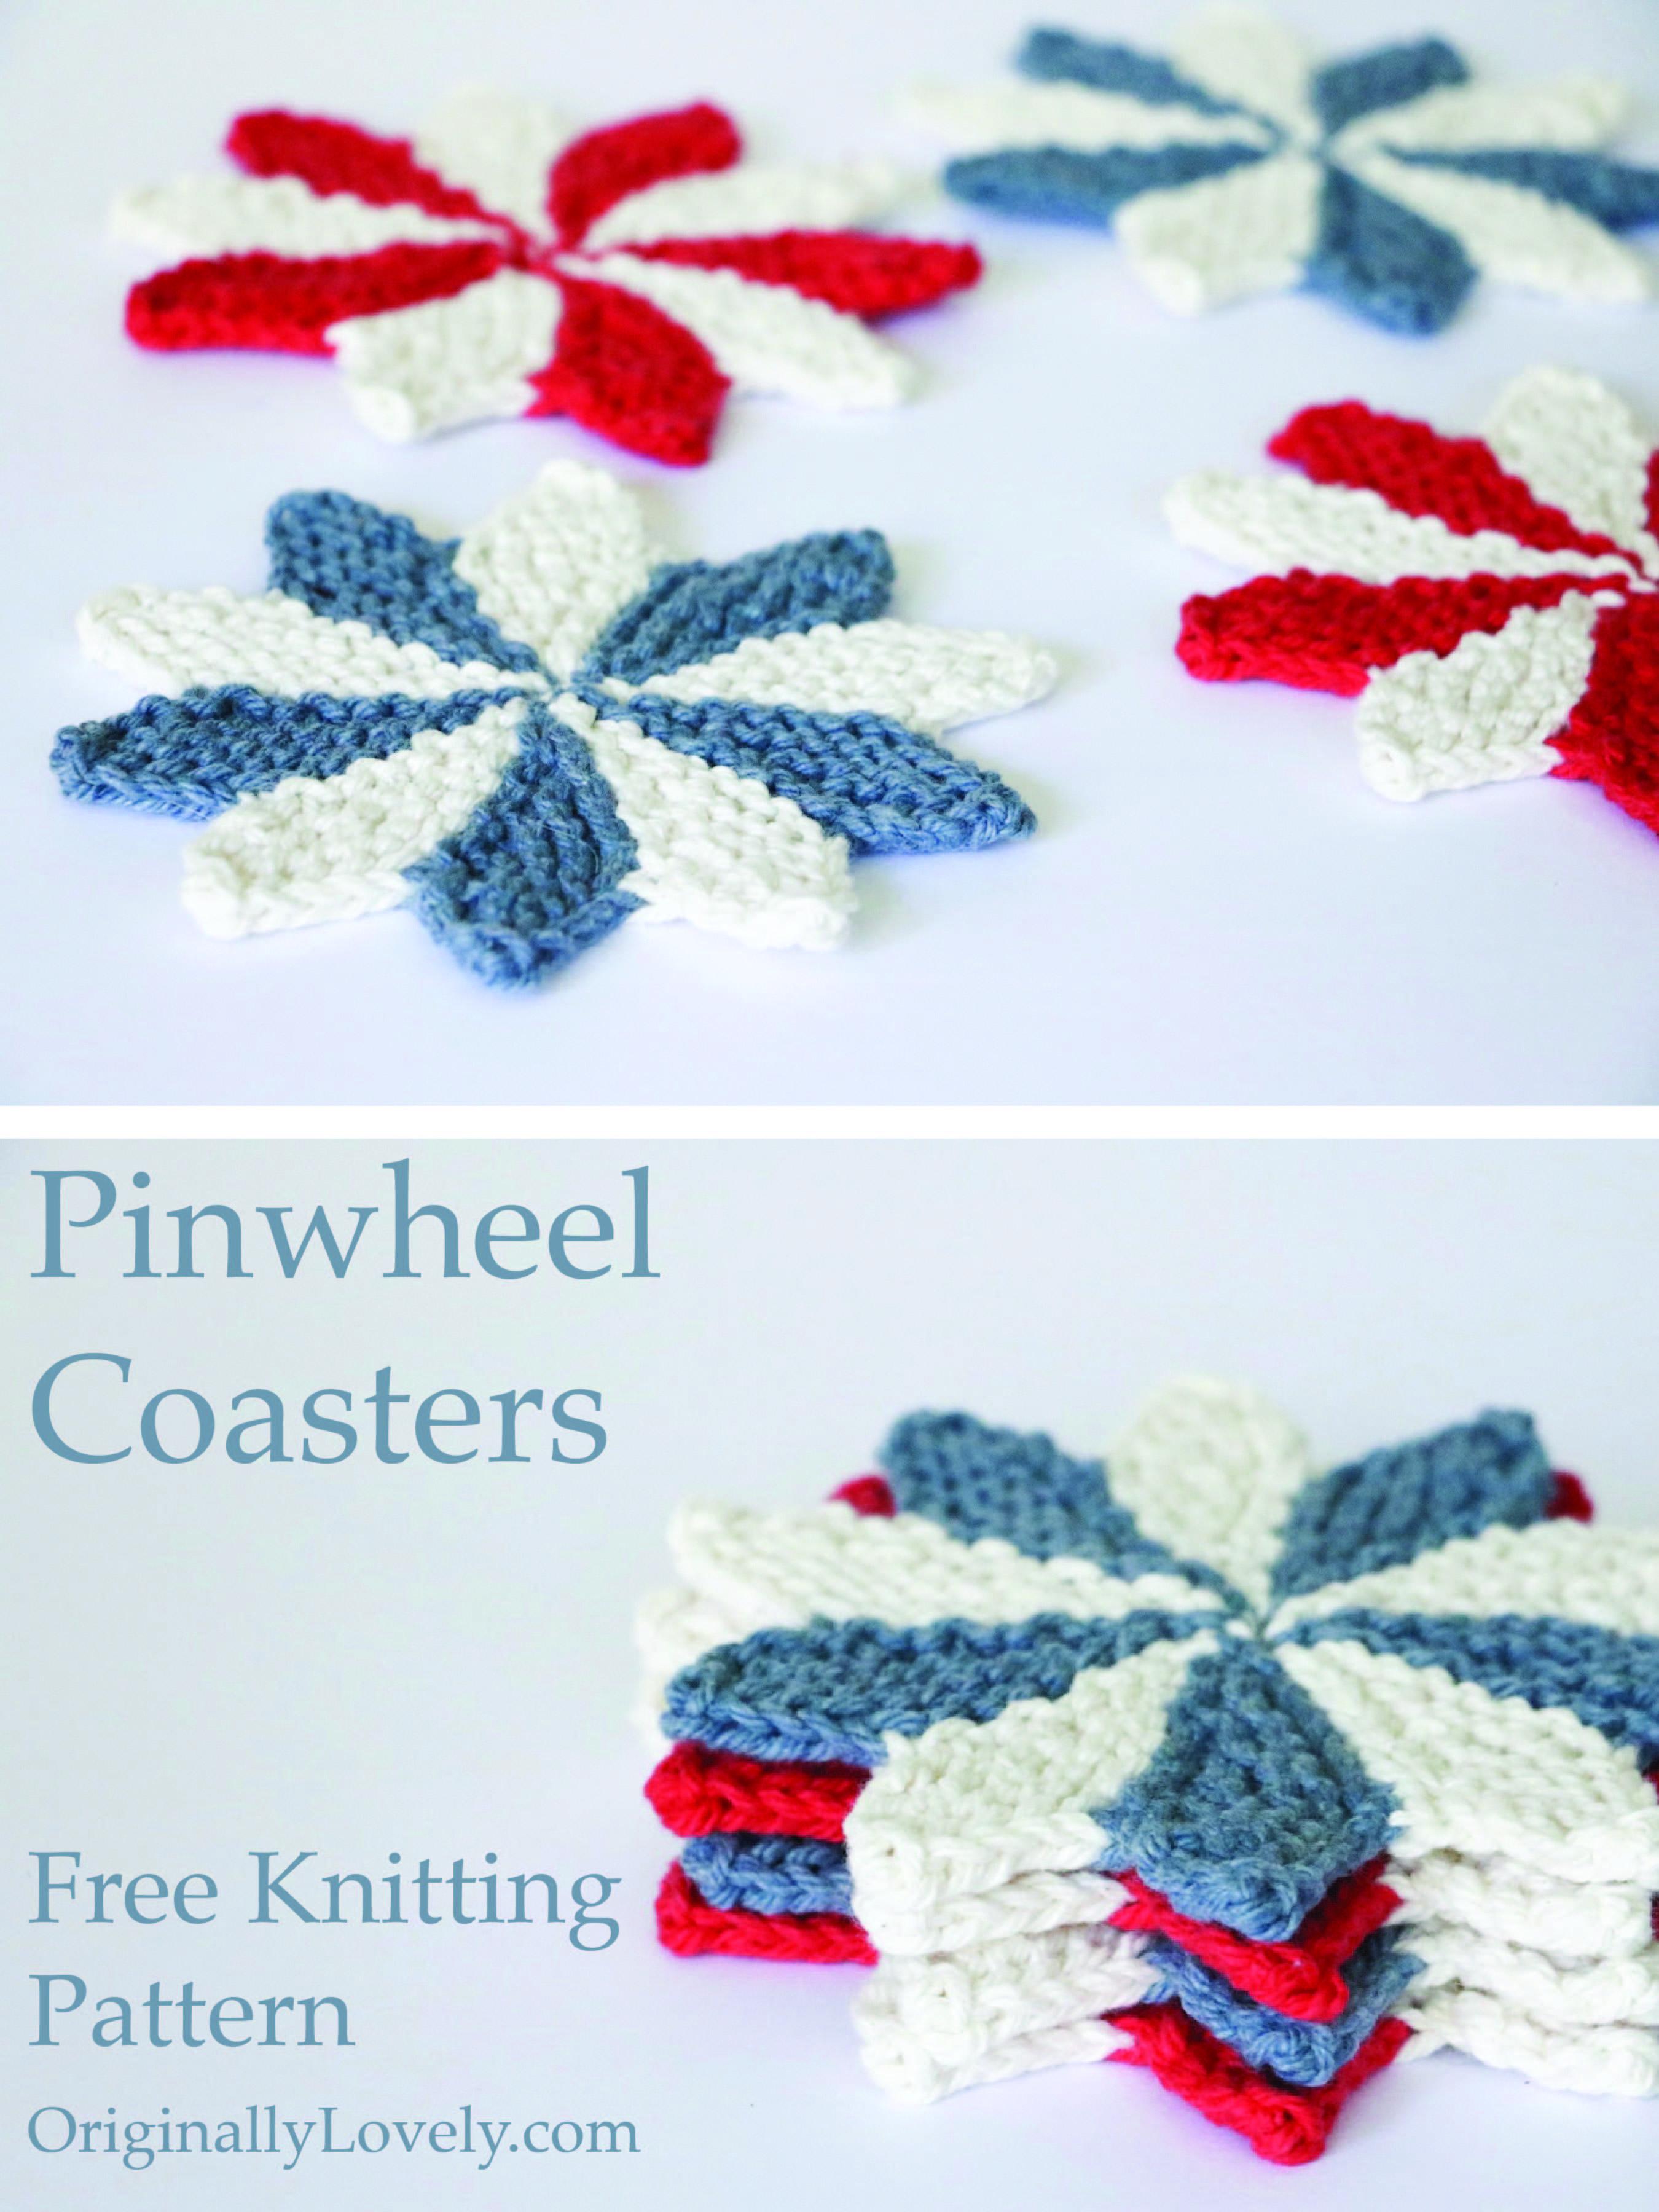 Pinwheel Coasters Knitting Pattern | Designer knitting ...